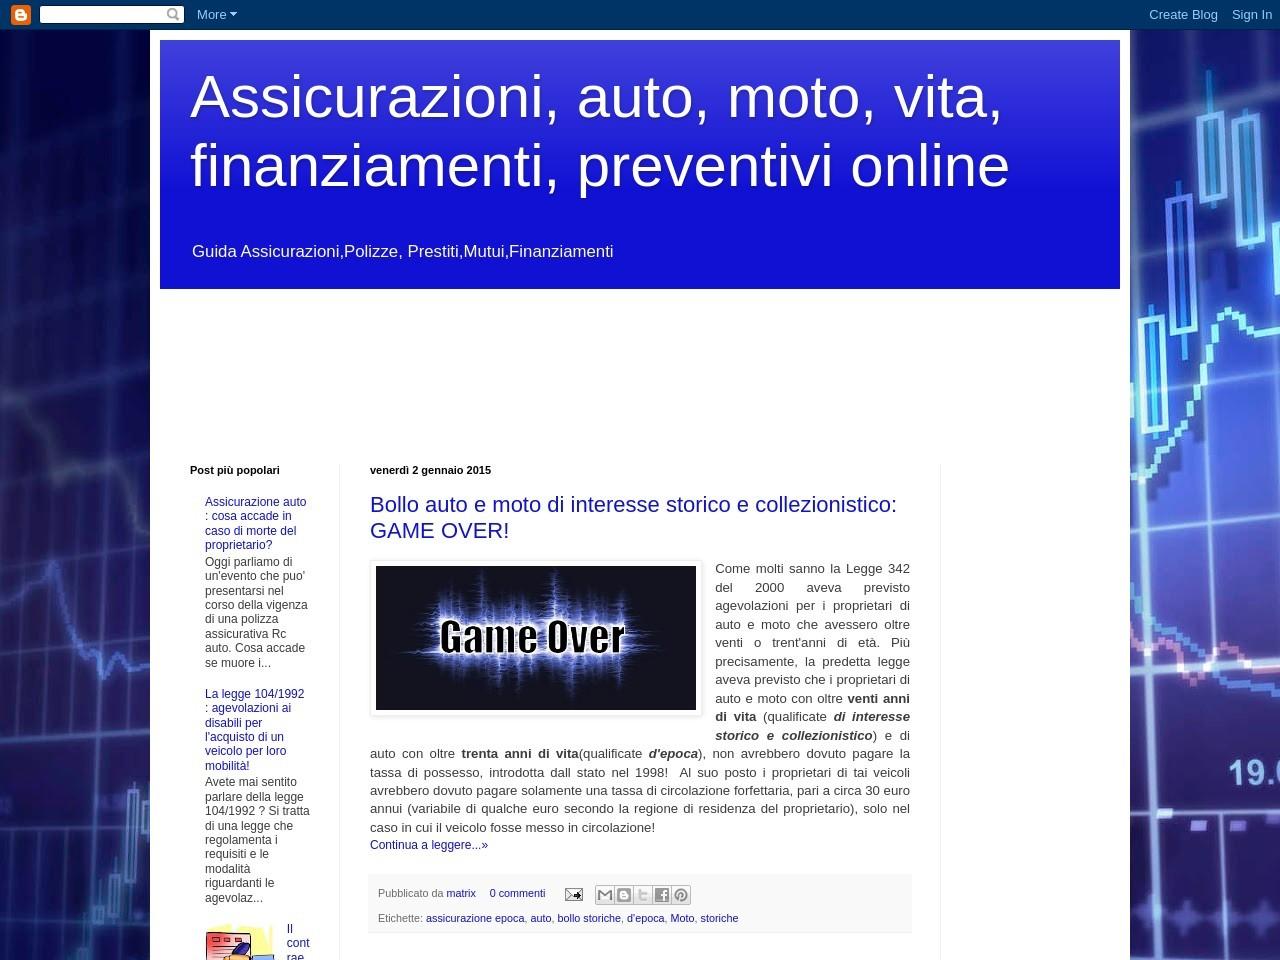 assicurazioni-auto-moto-vita-finanziamenti-preventivi-online